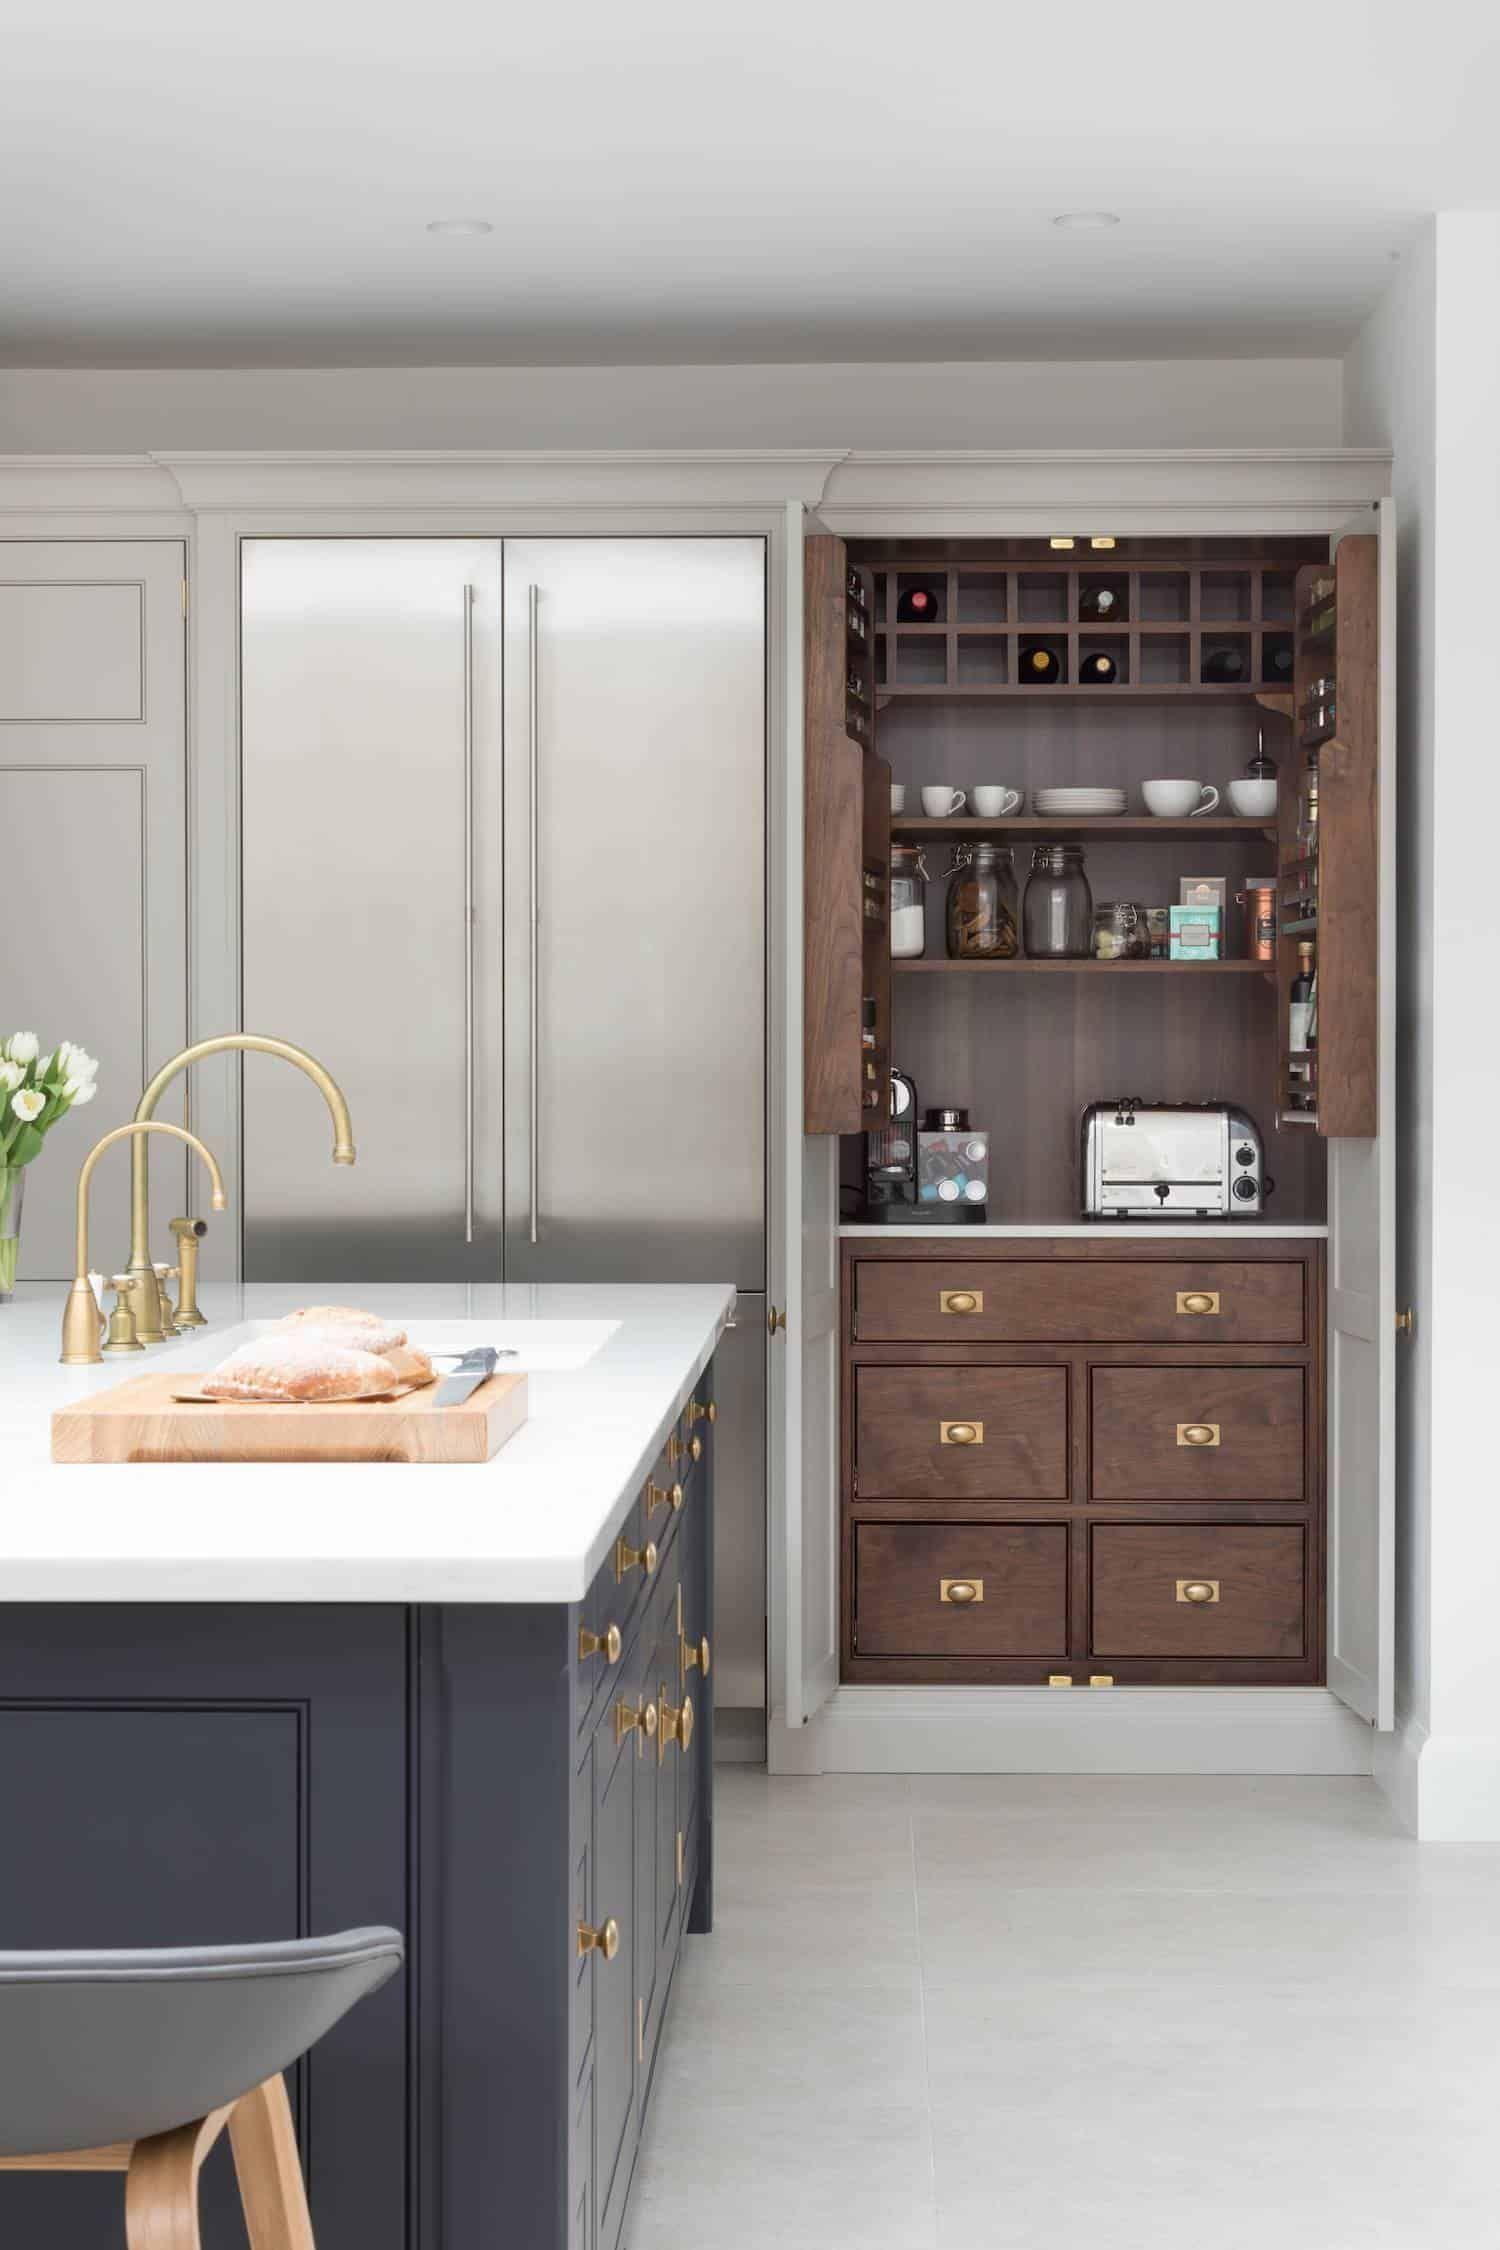 47 Meilleures Idees De Stations De Cafe De Cuisine Pour Votre Maison En 2020 Decor Sno In 2020 Coffee Station Kitchen Kitchen Remodel Software Kitchen Cabinets Decor